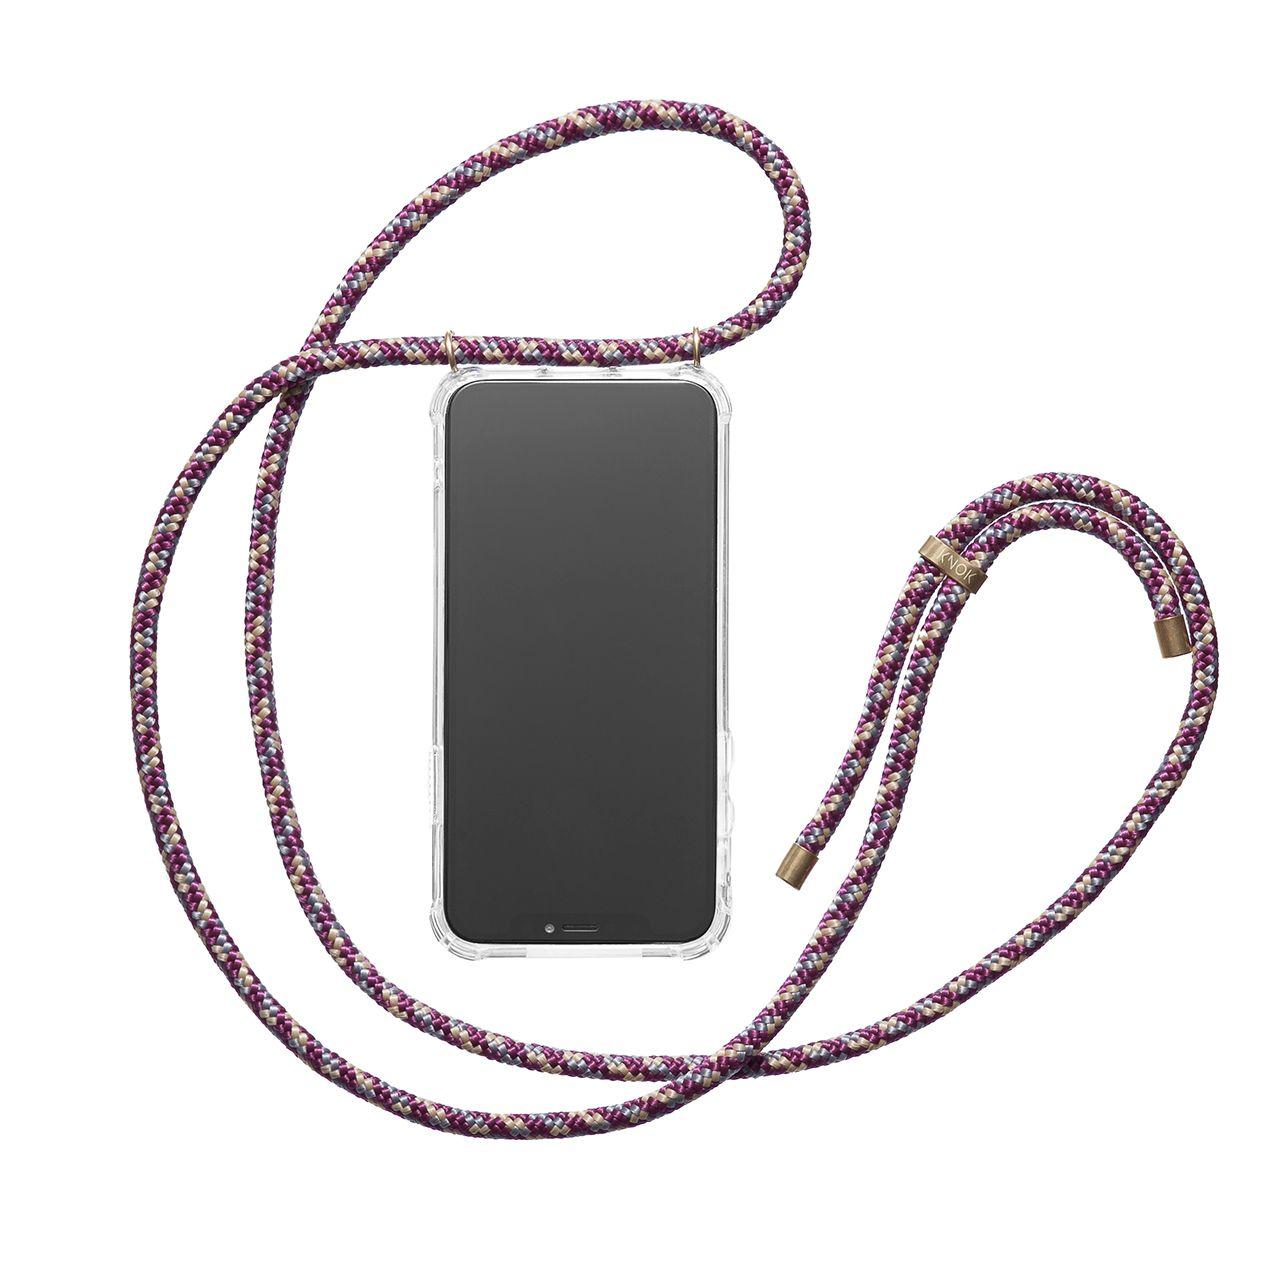 Myphone Case Bordeaux camu